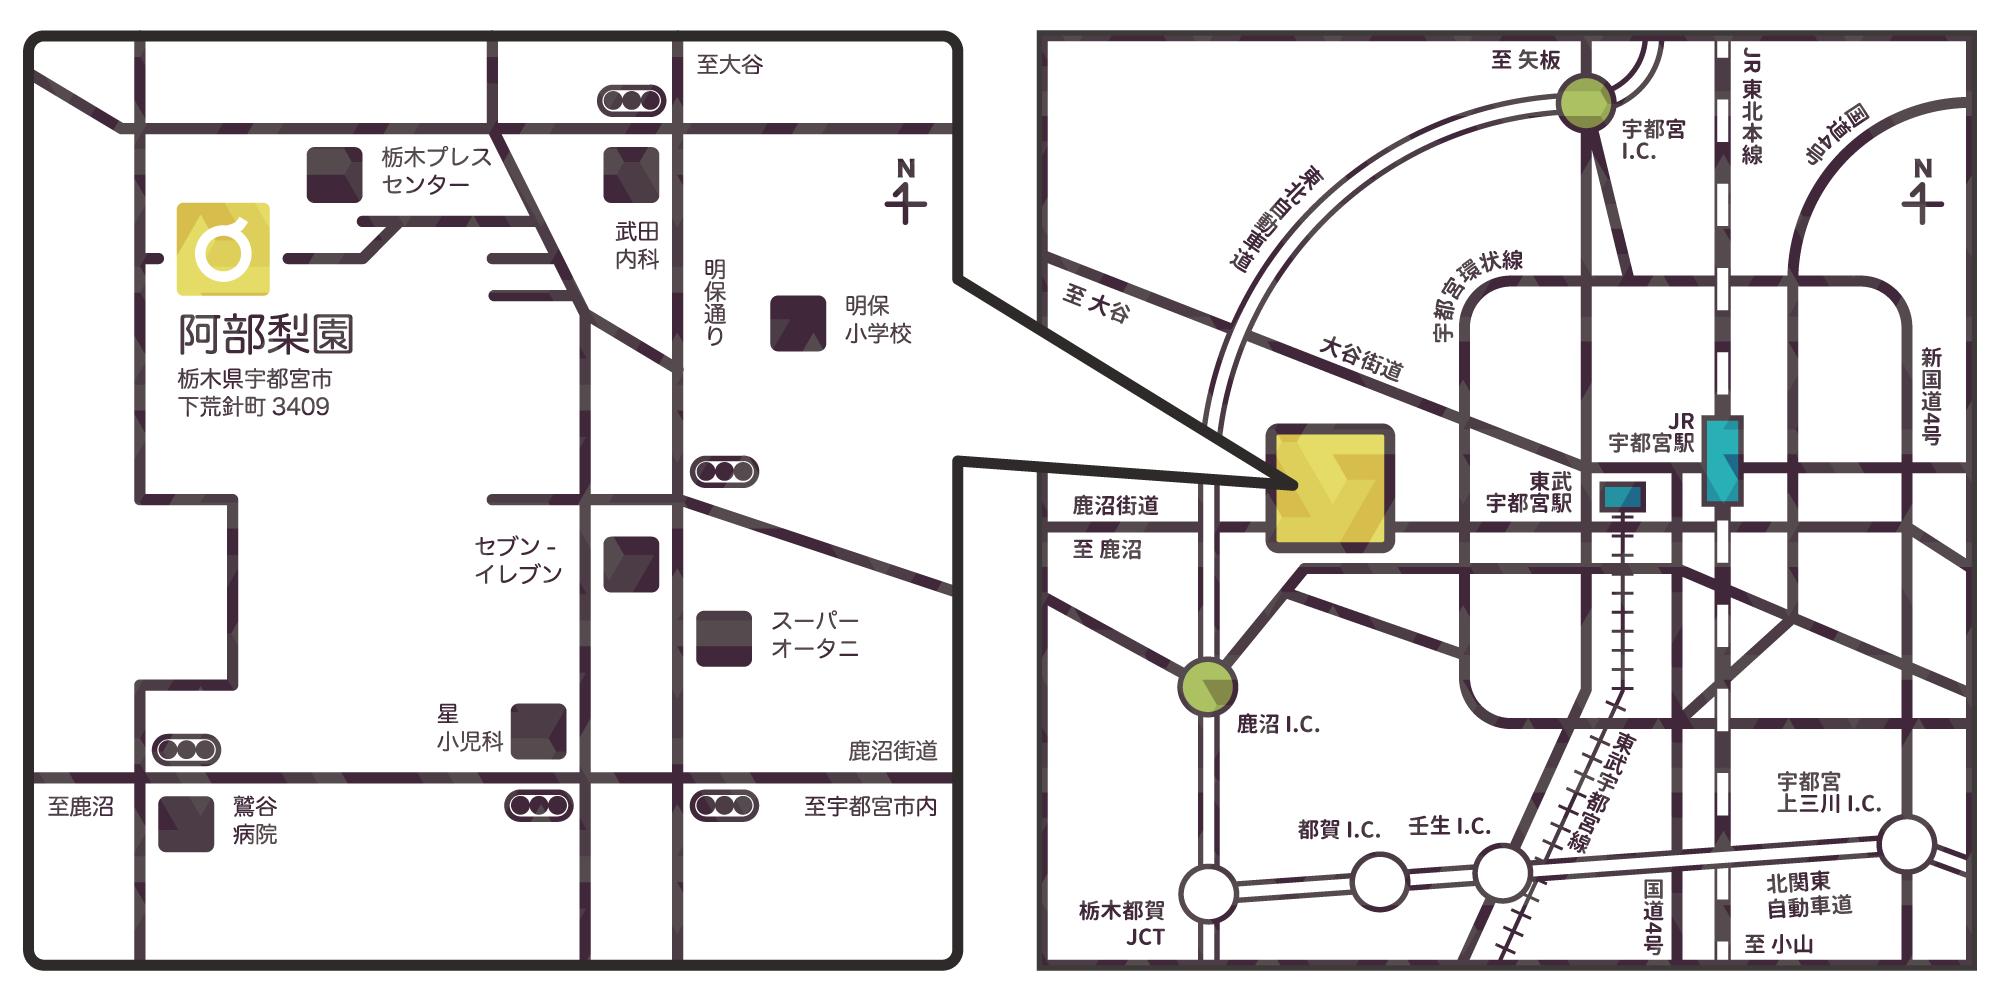 阿部梨園の知恵袋 087 地図イラスト